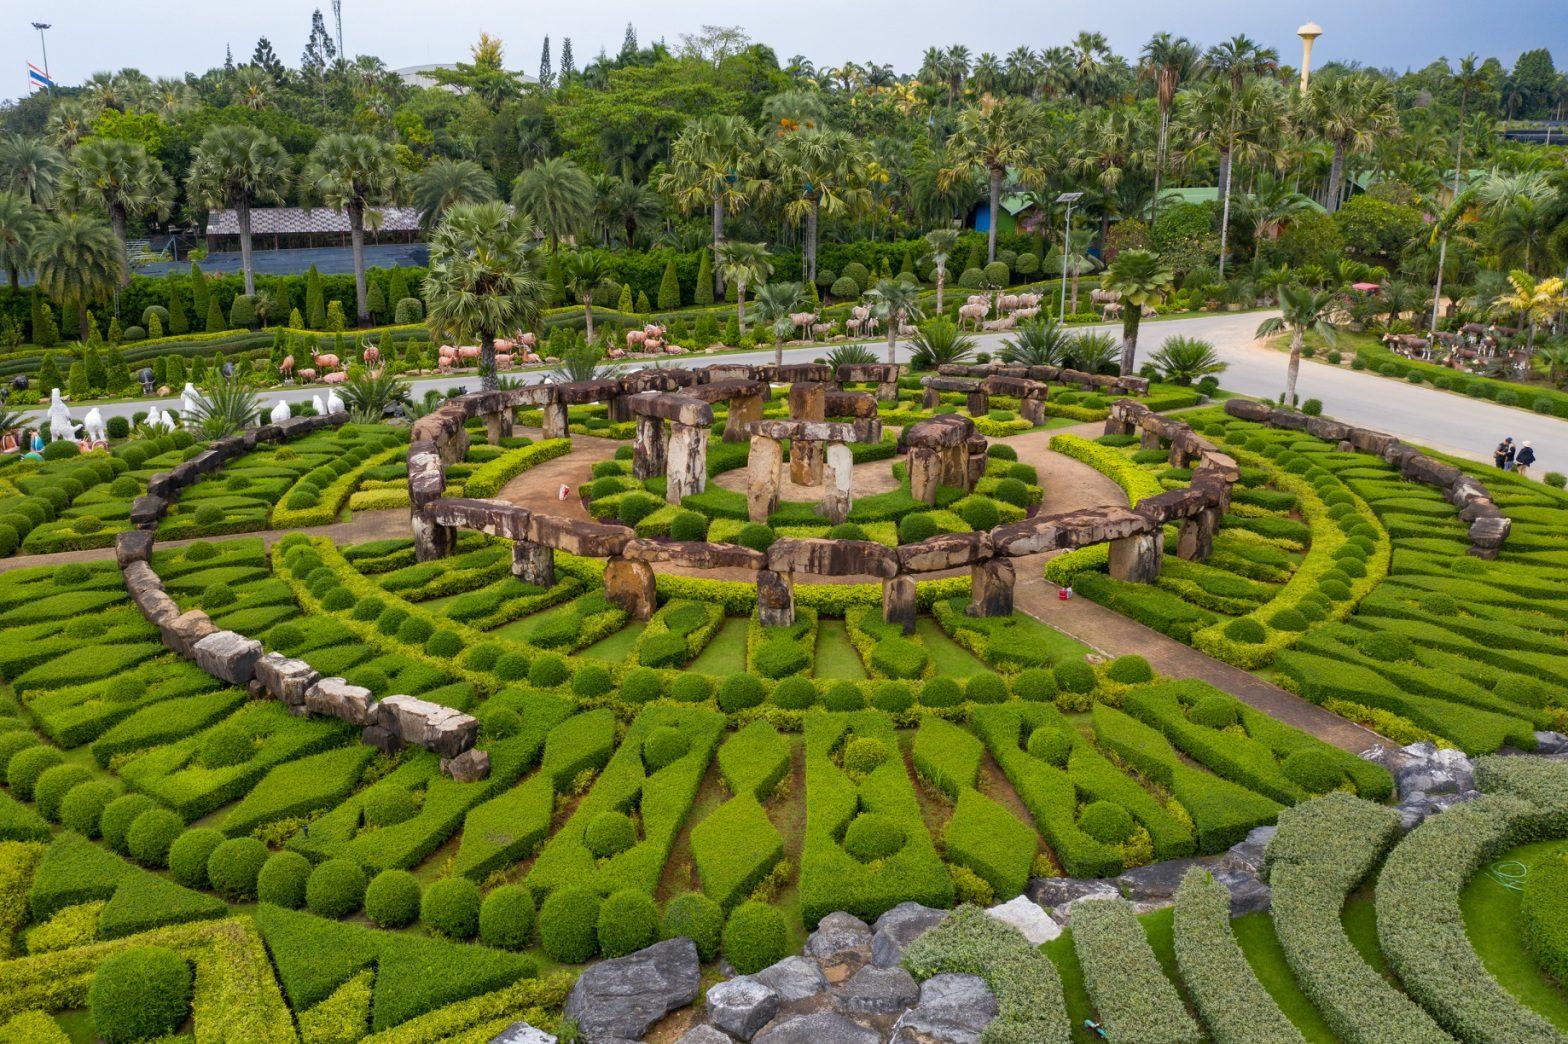 สวนนงนุชเปิดเที่ยวปกติ ชลบุรี 8 วันไม่พบผู้ป่วยเพิ่ม เตรียมคลายล็อกพื้นที่แดงเป็นส้ม